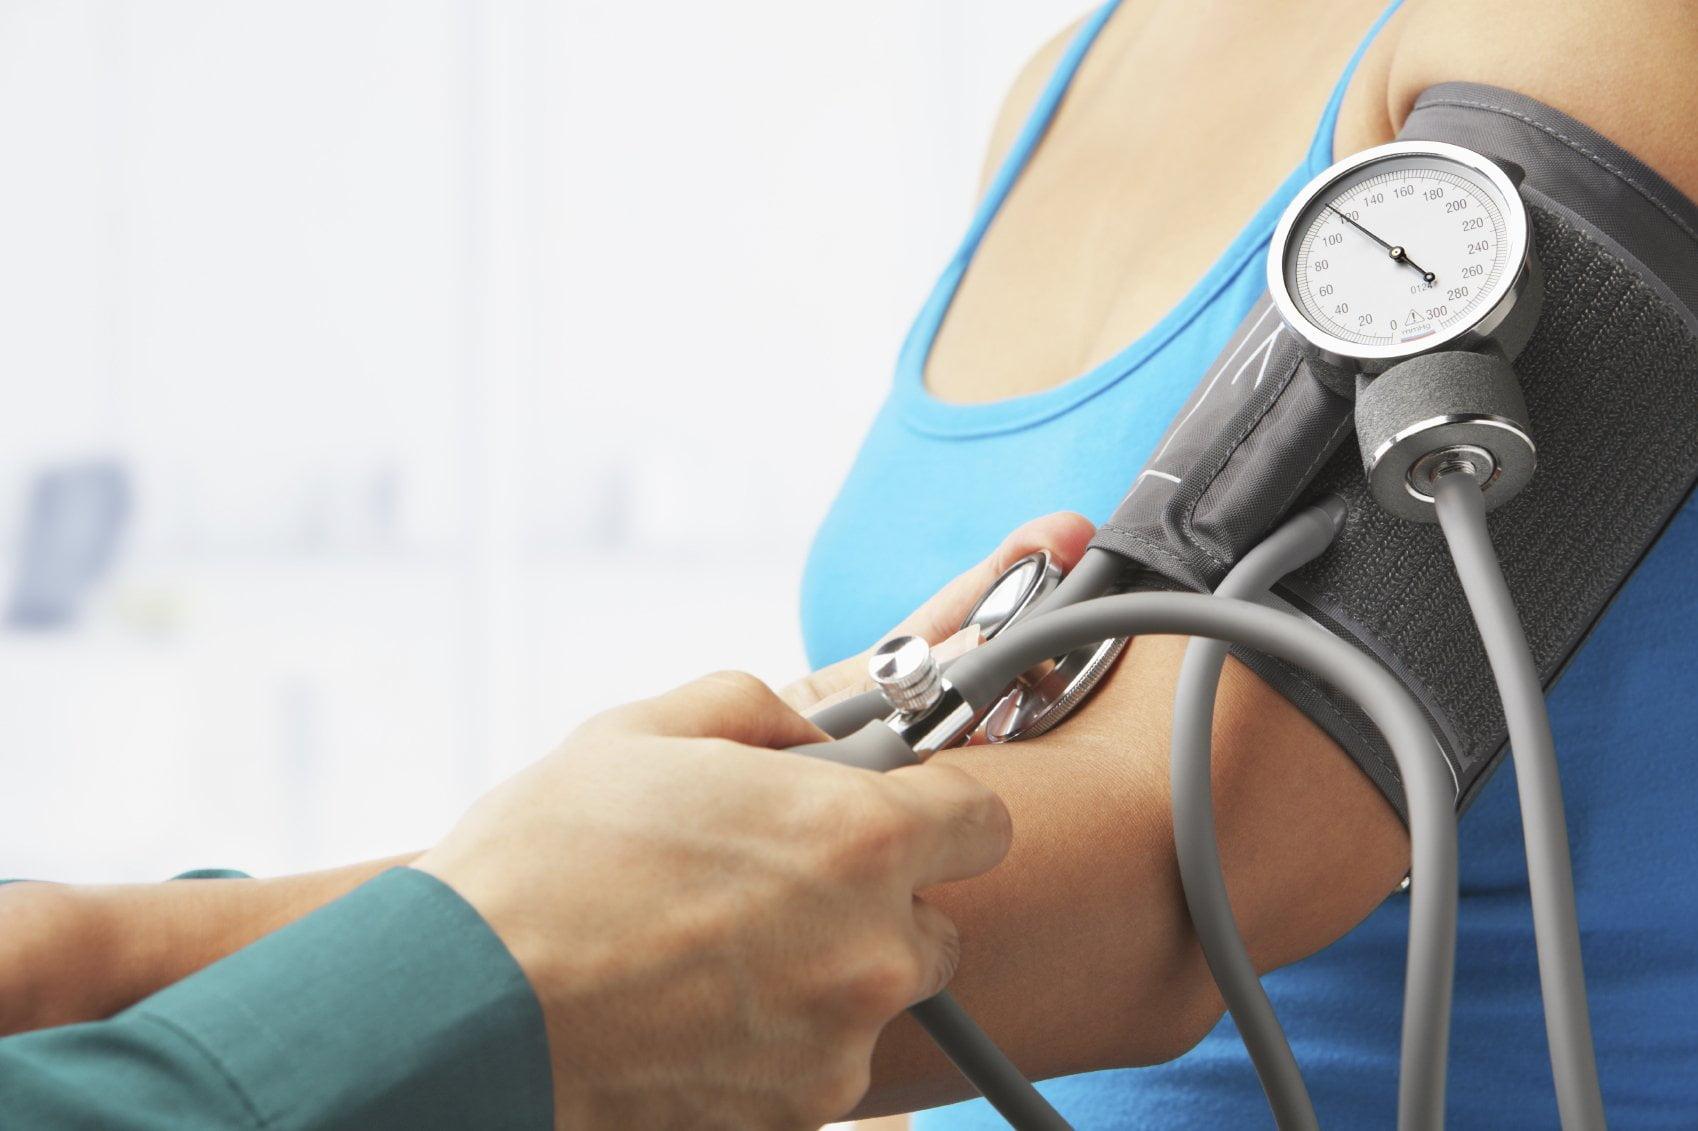 Agykárosodás magas vérnyomás következtében